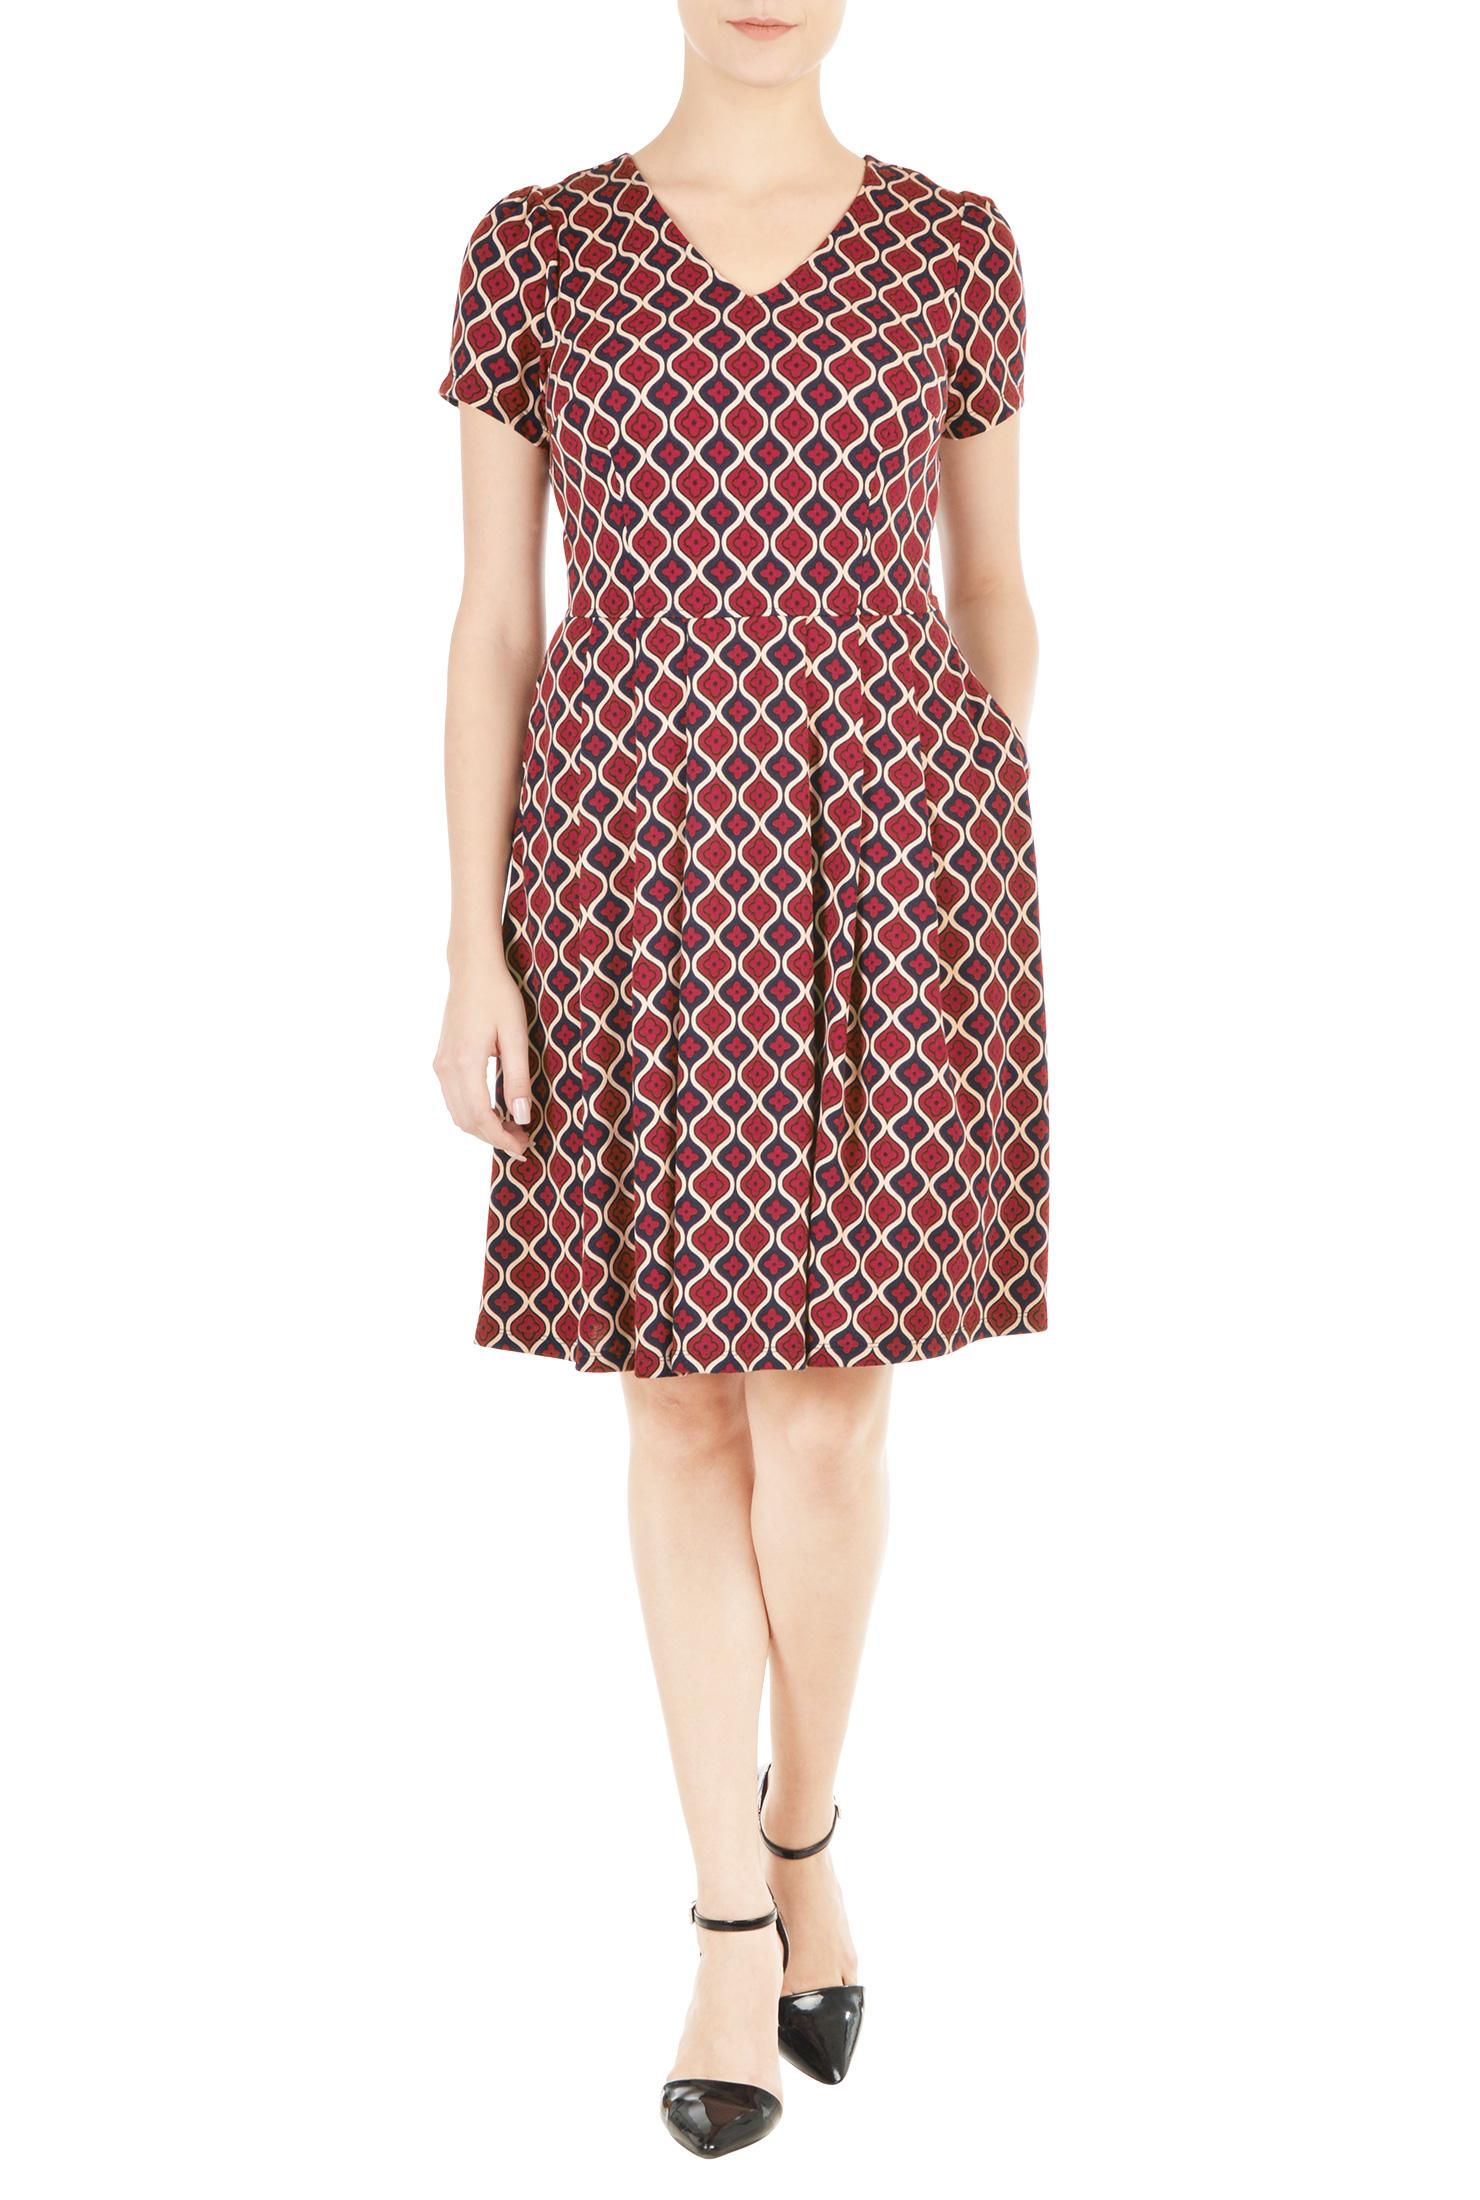 Eshakti Womens Tile Print Knit Fit-and-flare Dress